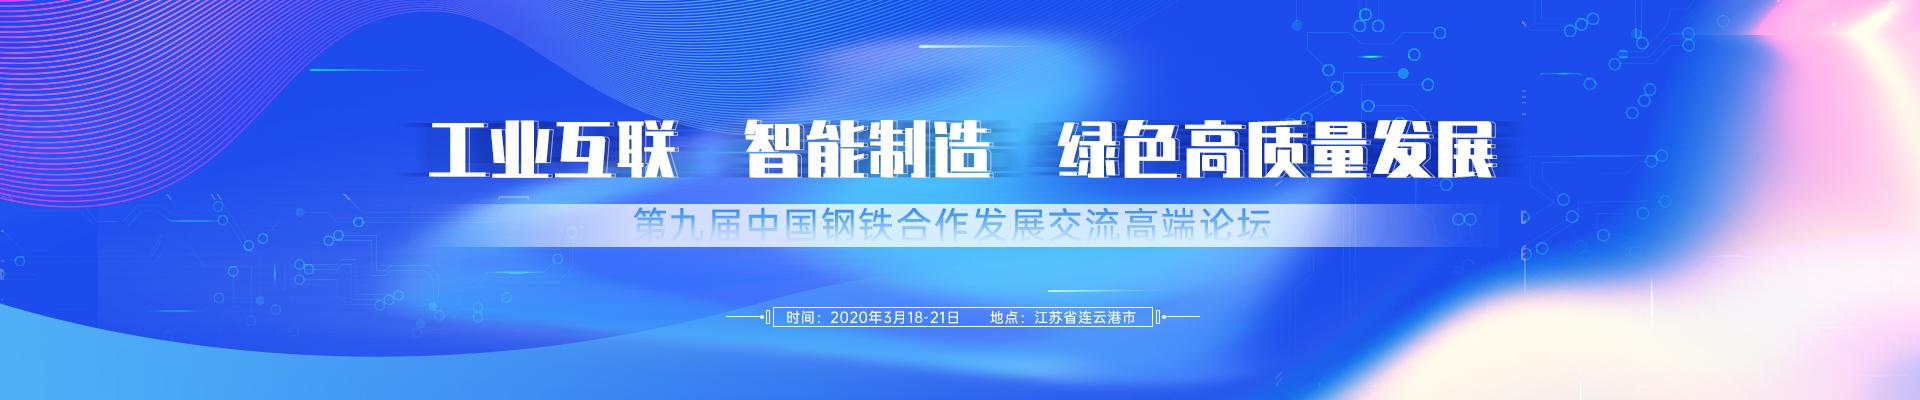 工业互联智能制造绿色高质量发展——第九届中国色姑娘综合站合作发展交流高端论坛